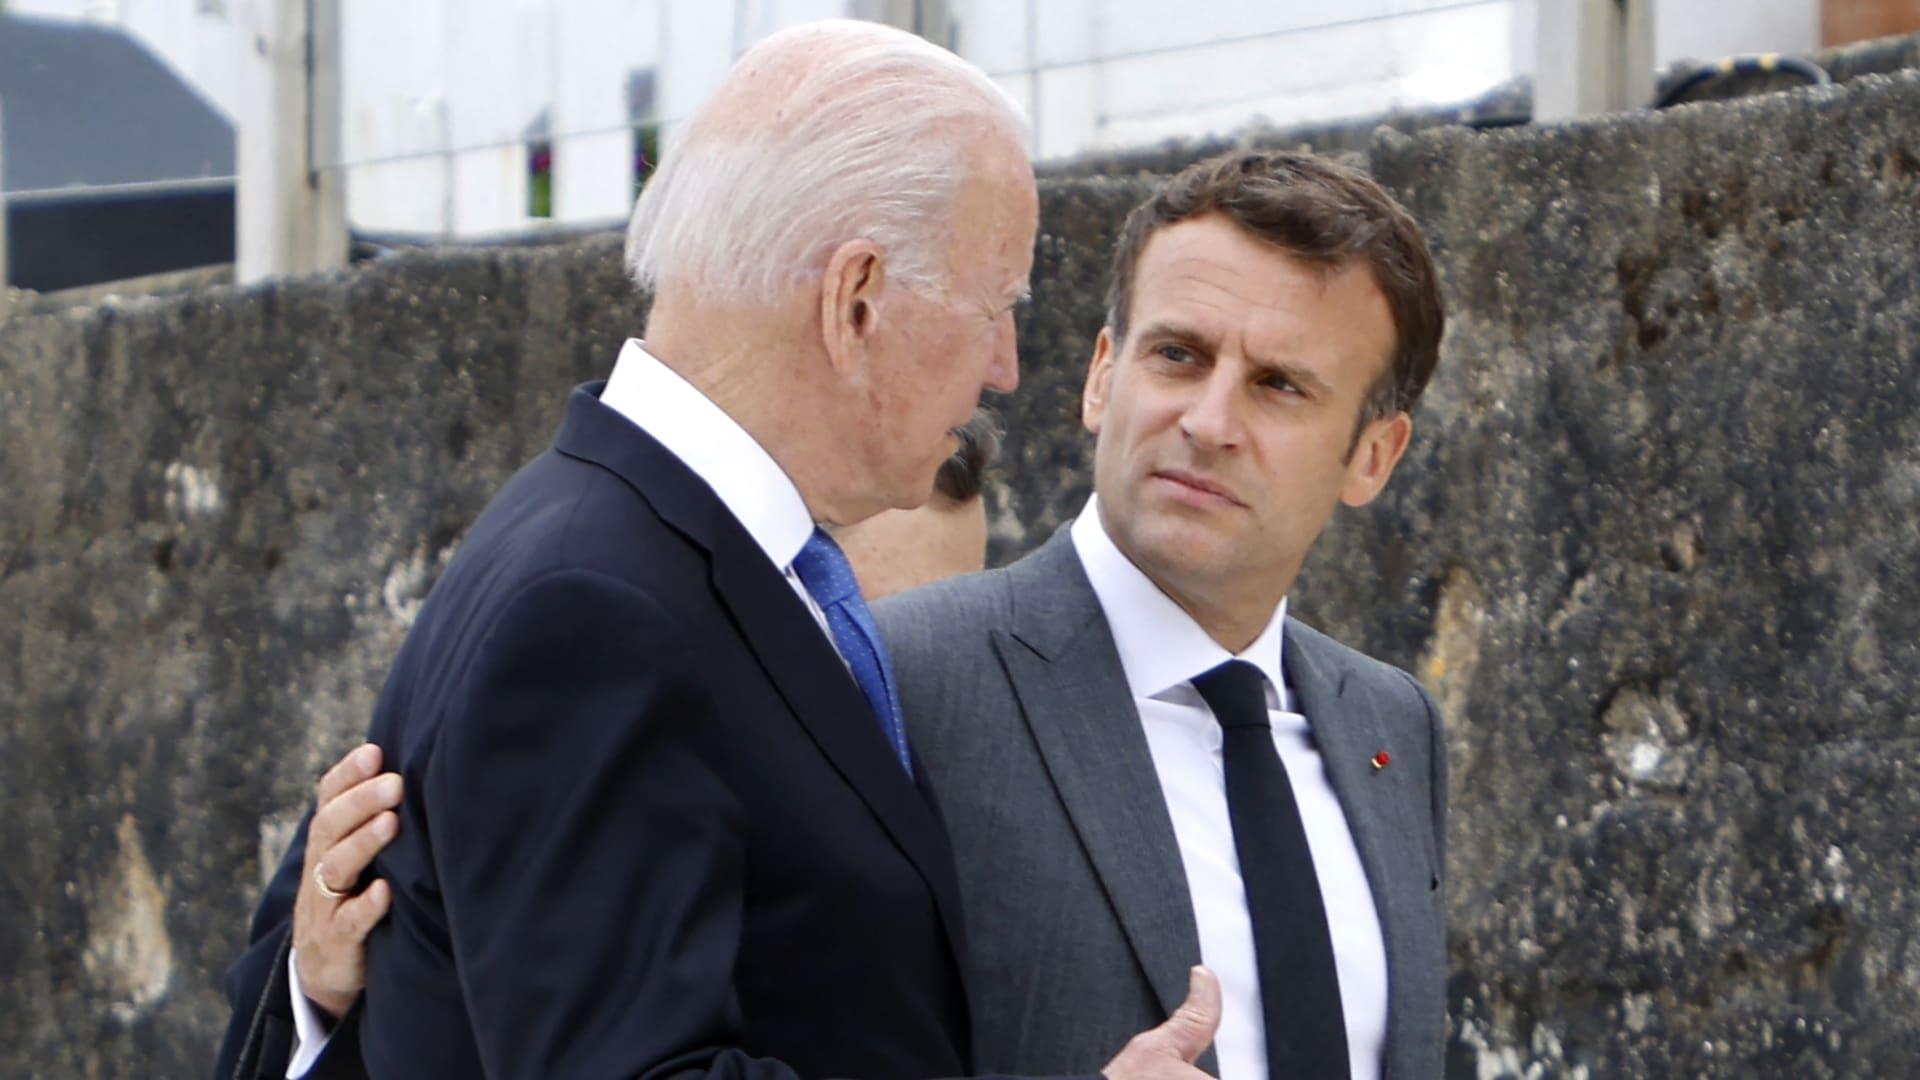 الرئيس الأمريكي جو بايدن والرئيس الفرنسي إيمانويل ماكرون في بداية قمة مجموعة السبع في كاربيس باي، كورنوال في 11 يونيو 2021